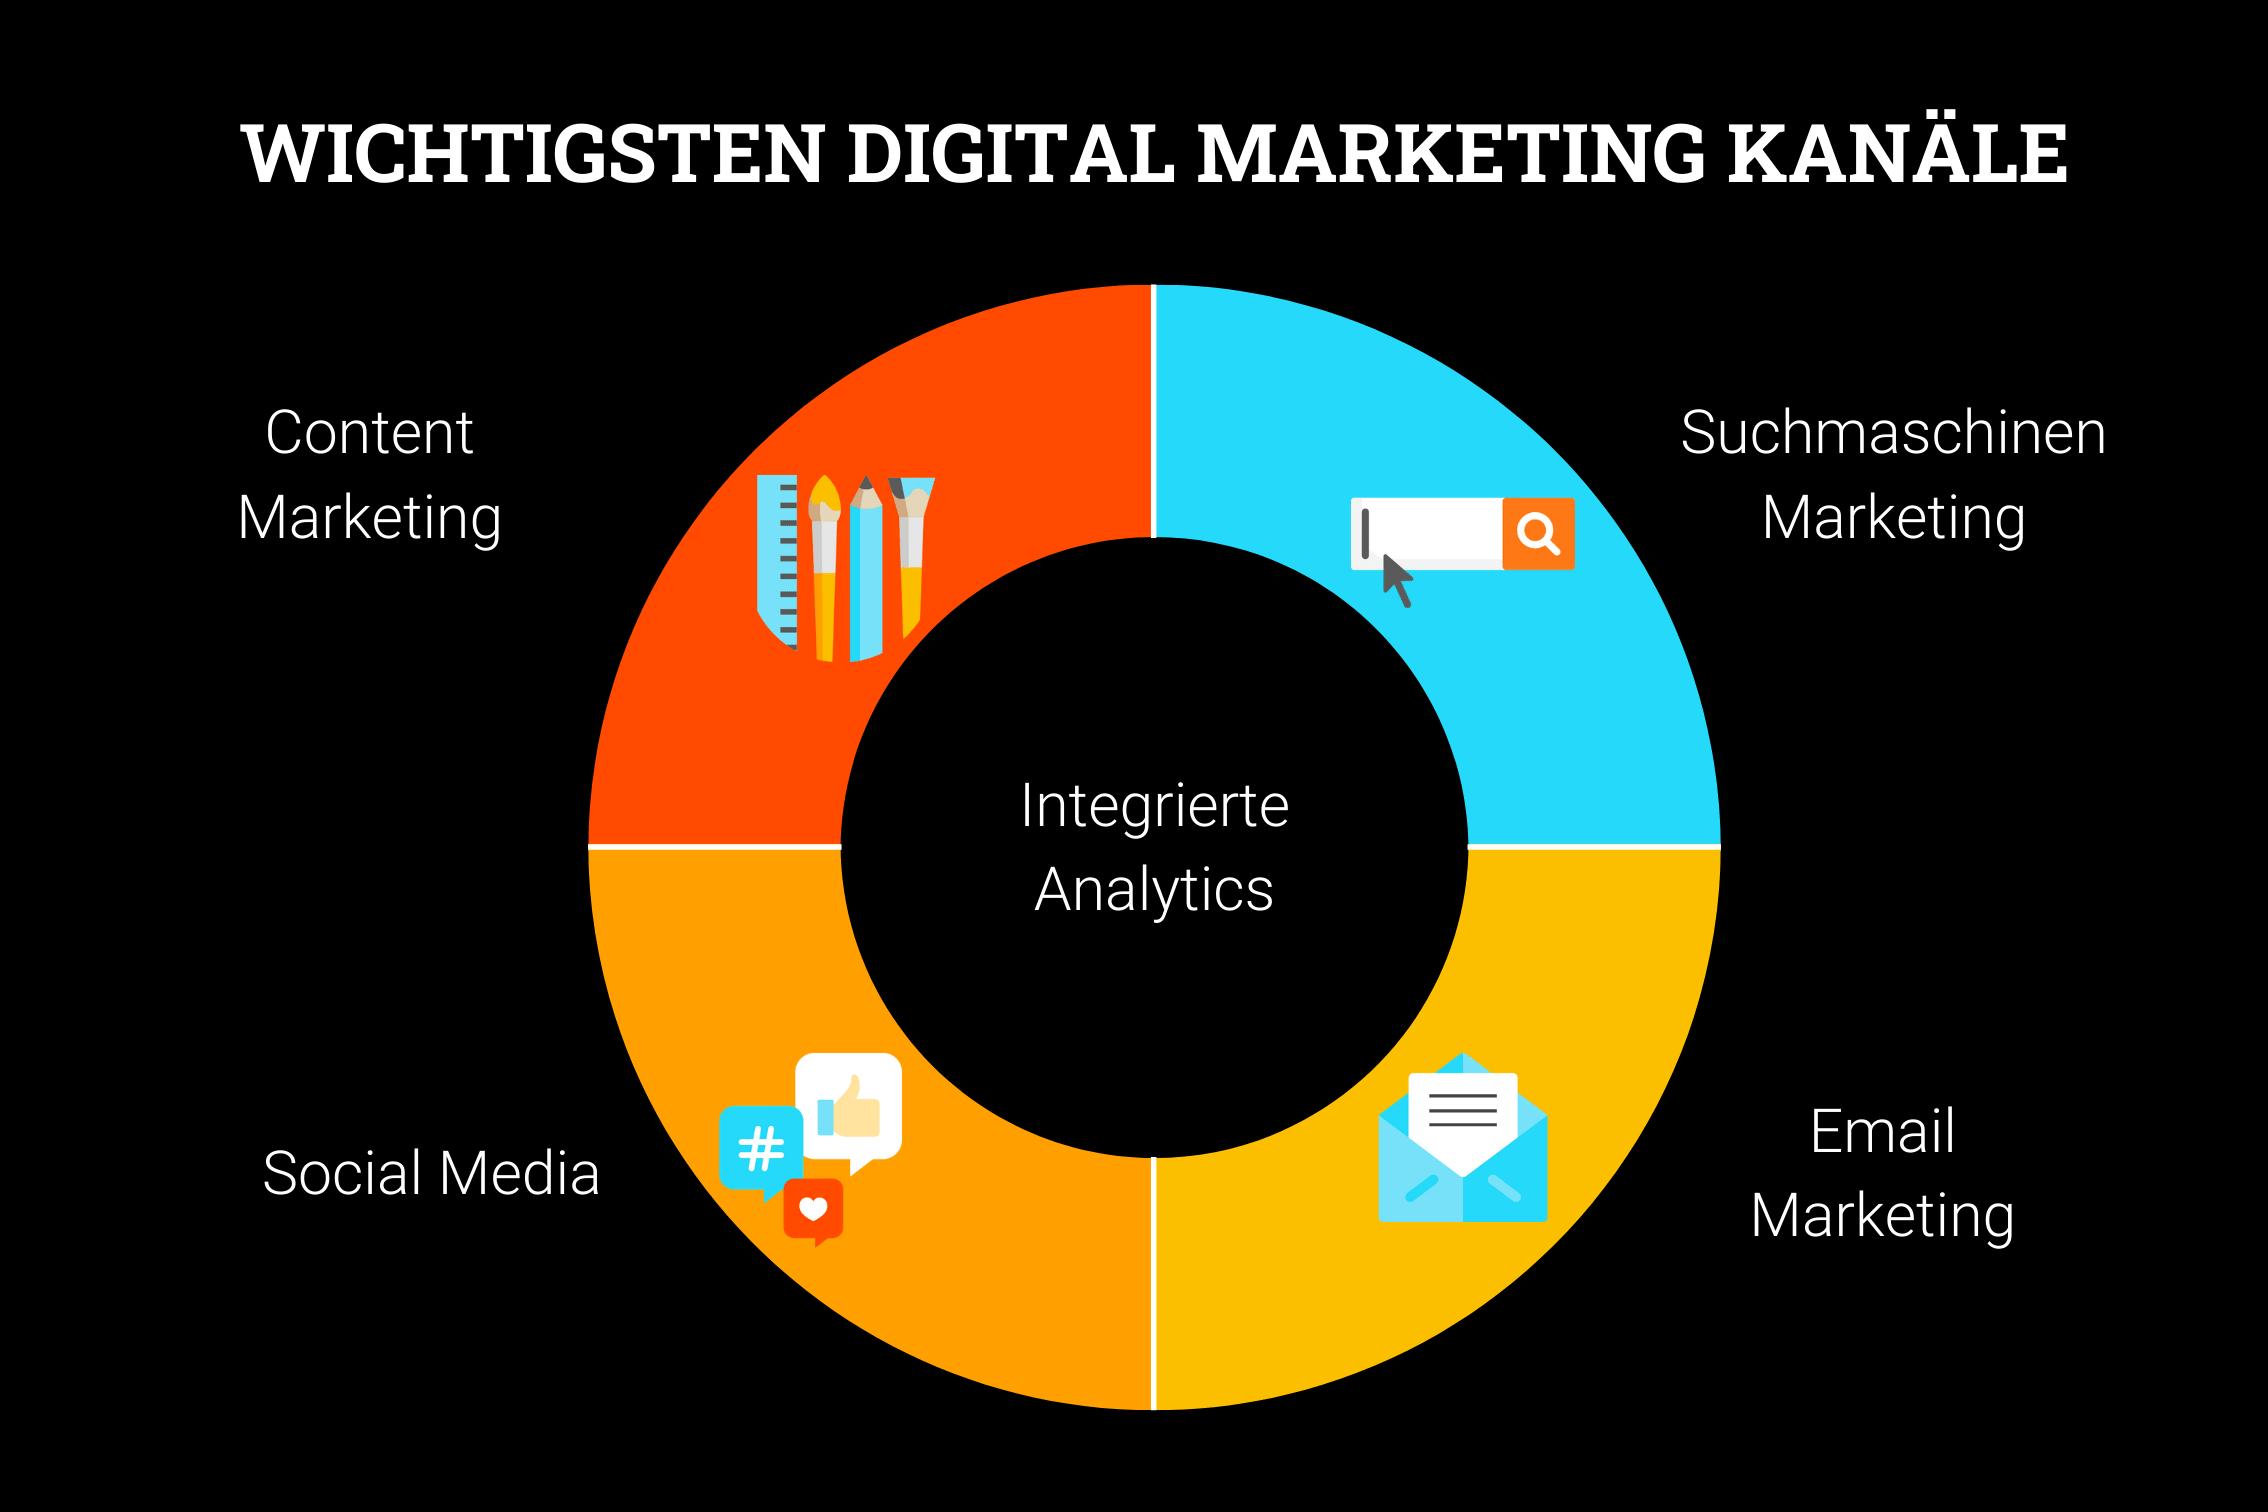 Wichtigsten Digital Marketing Kanäle von Wunderbox Marketing